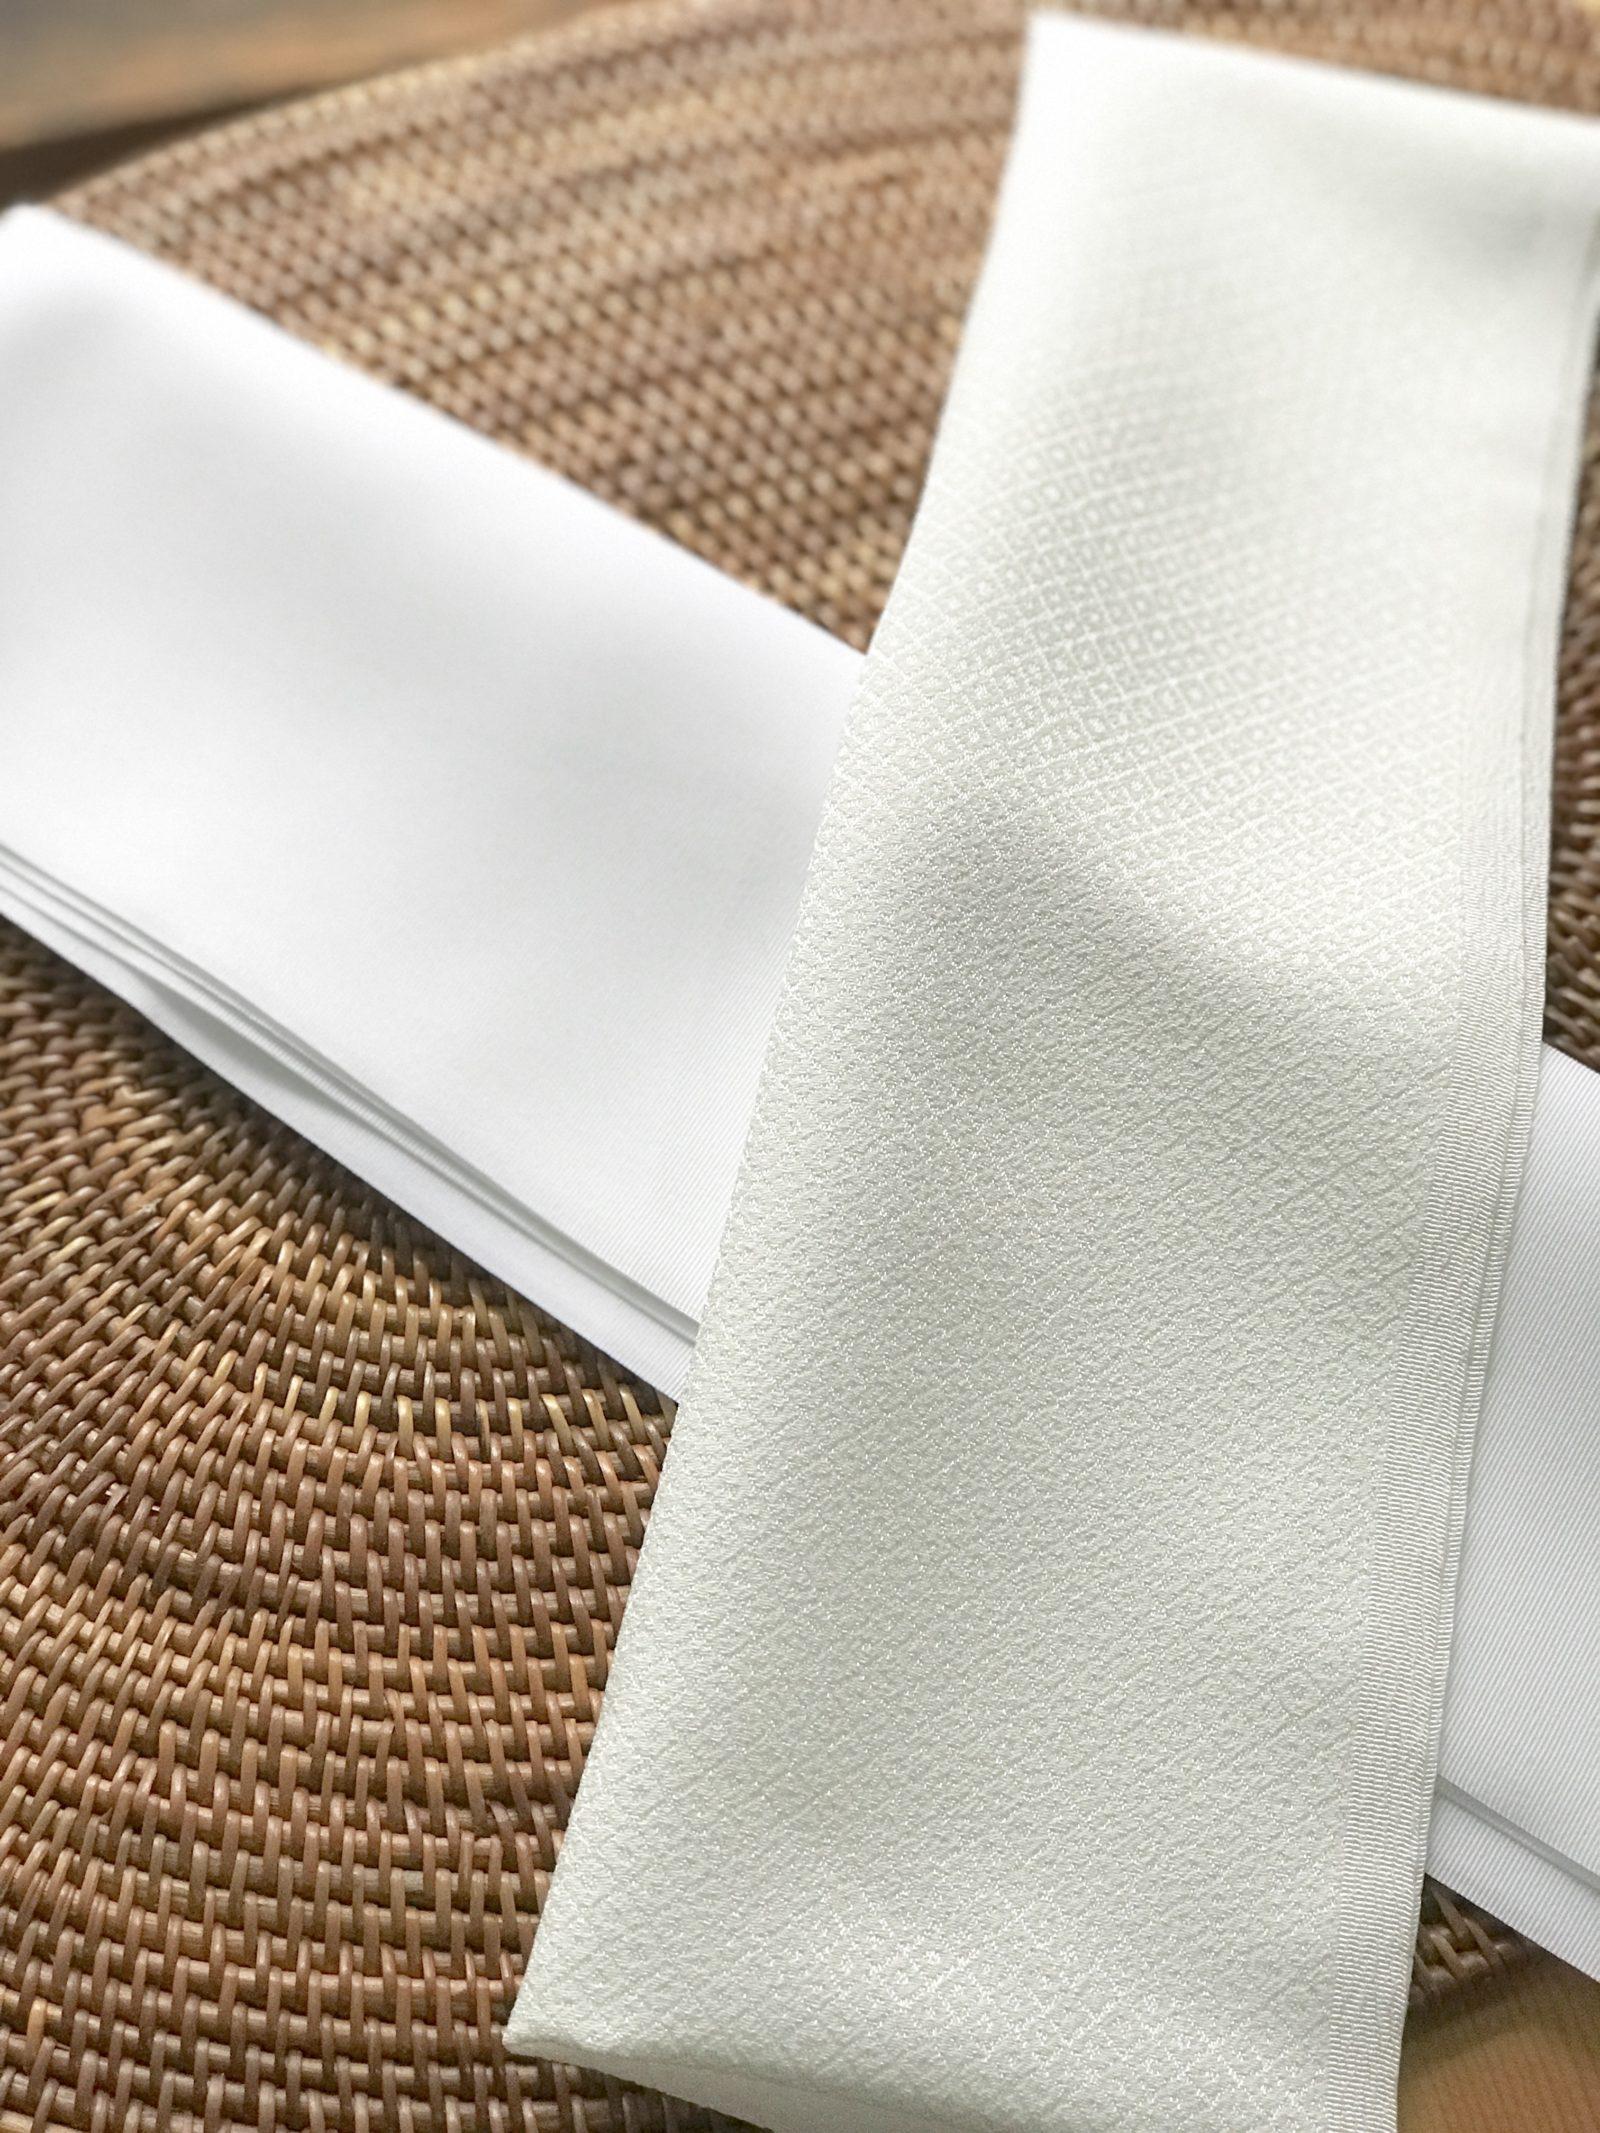 白い半襟でお洒落したい!自宅で洗えてリーズナブルなのも嬉しい